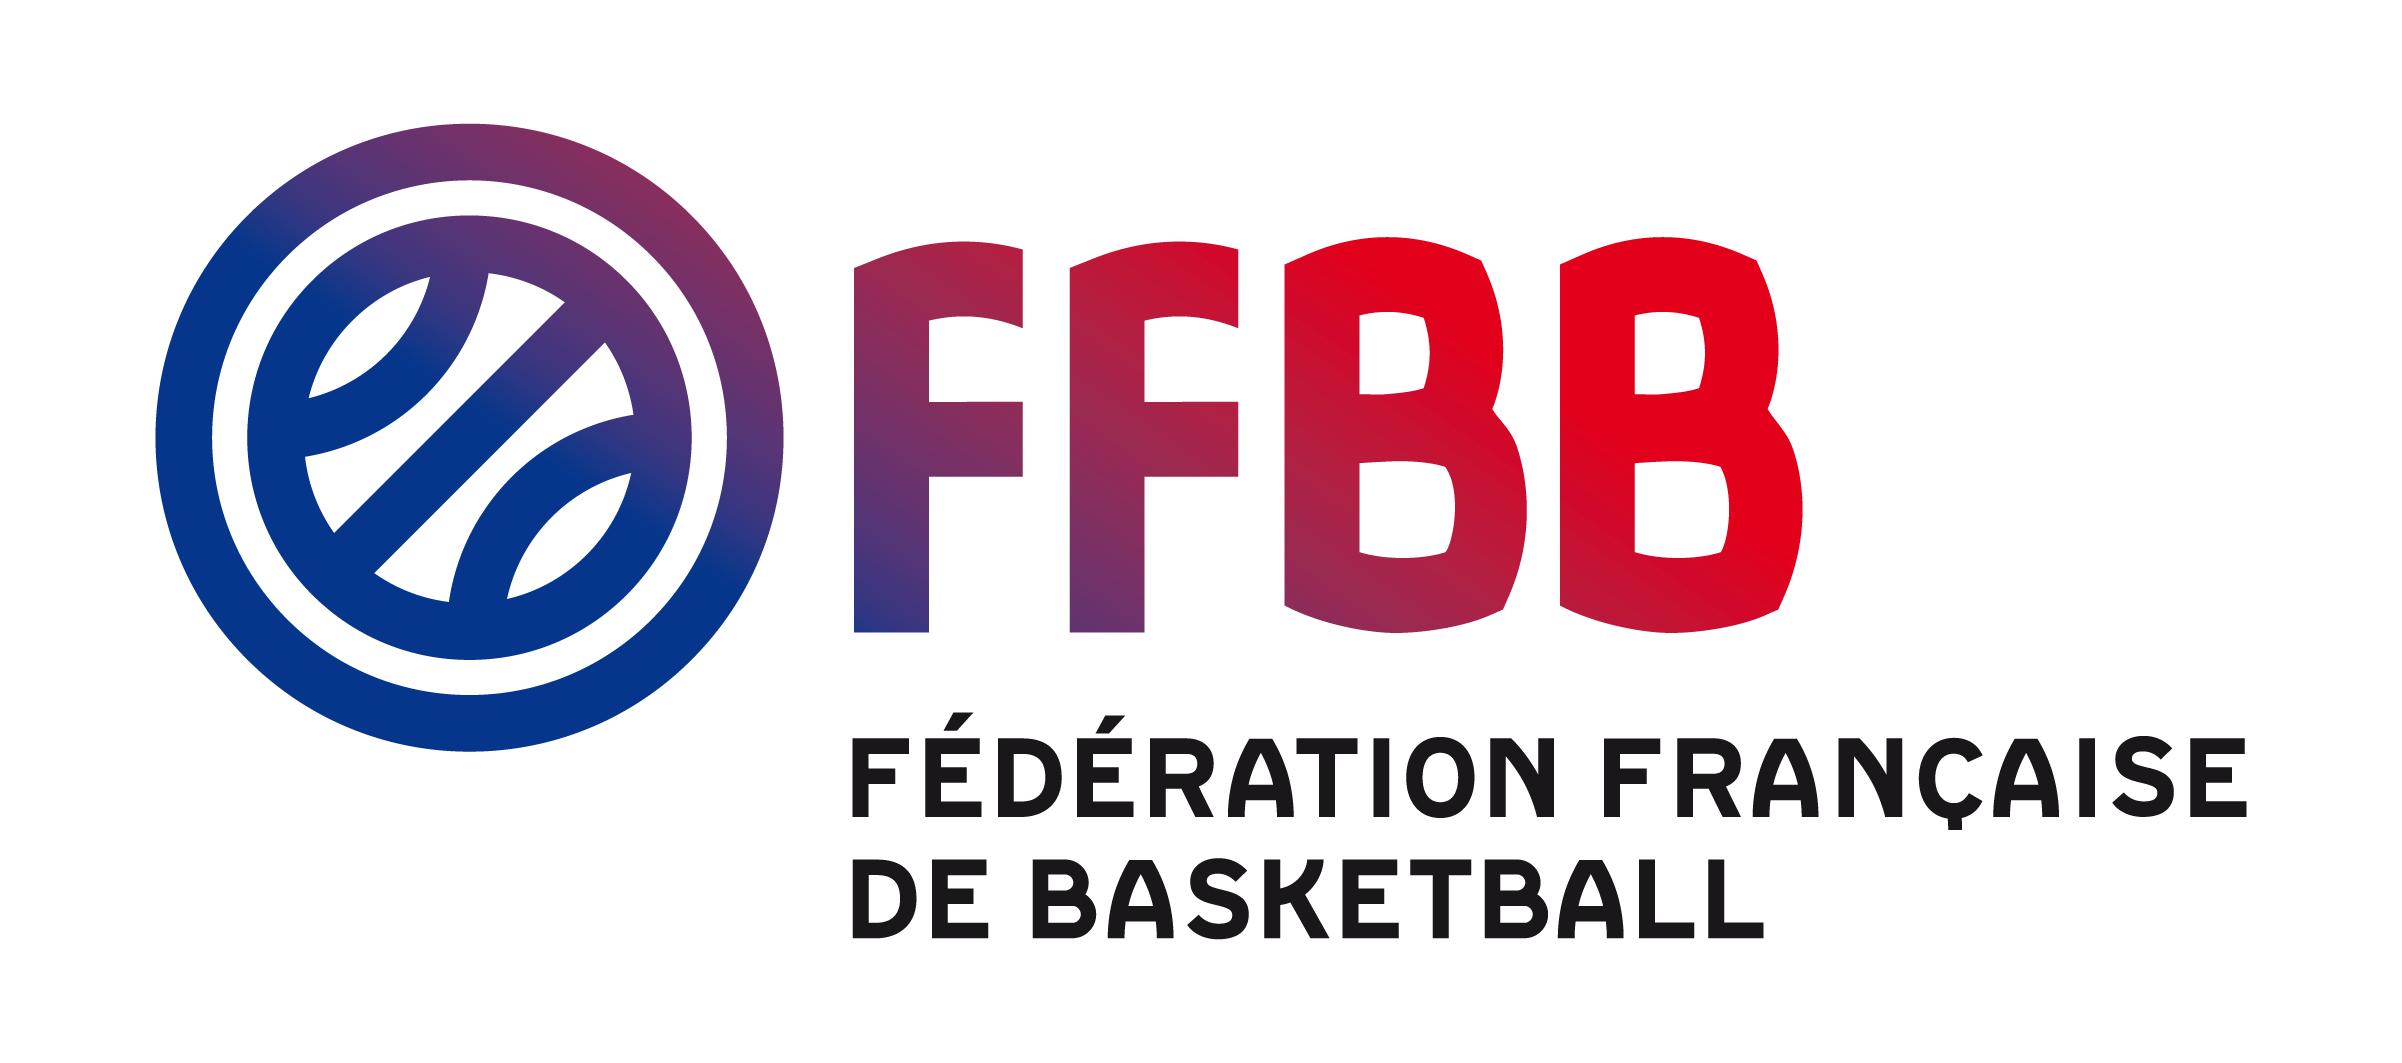 Dates reprise saison 2016 2017 ffbb - Date des saisons 2016 ...